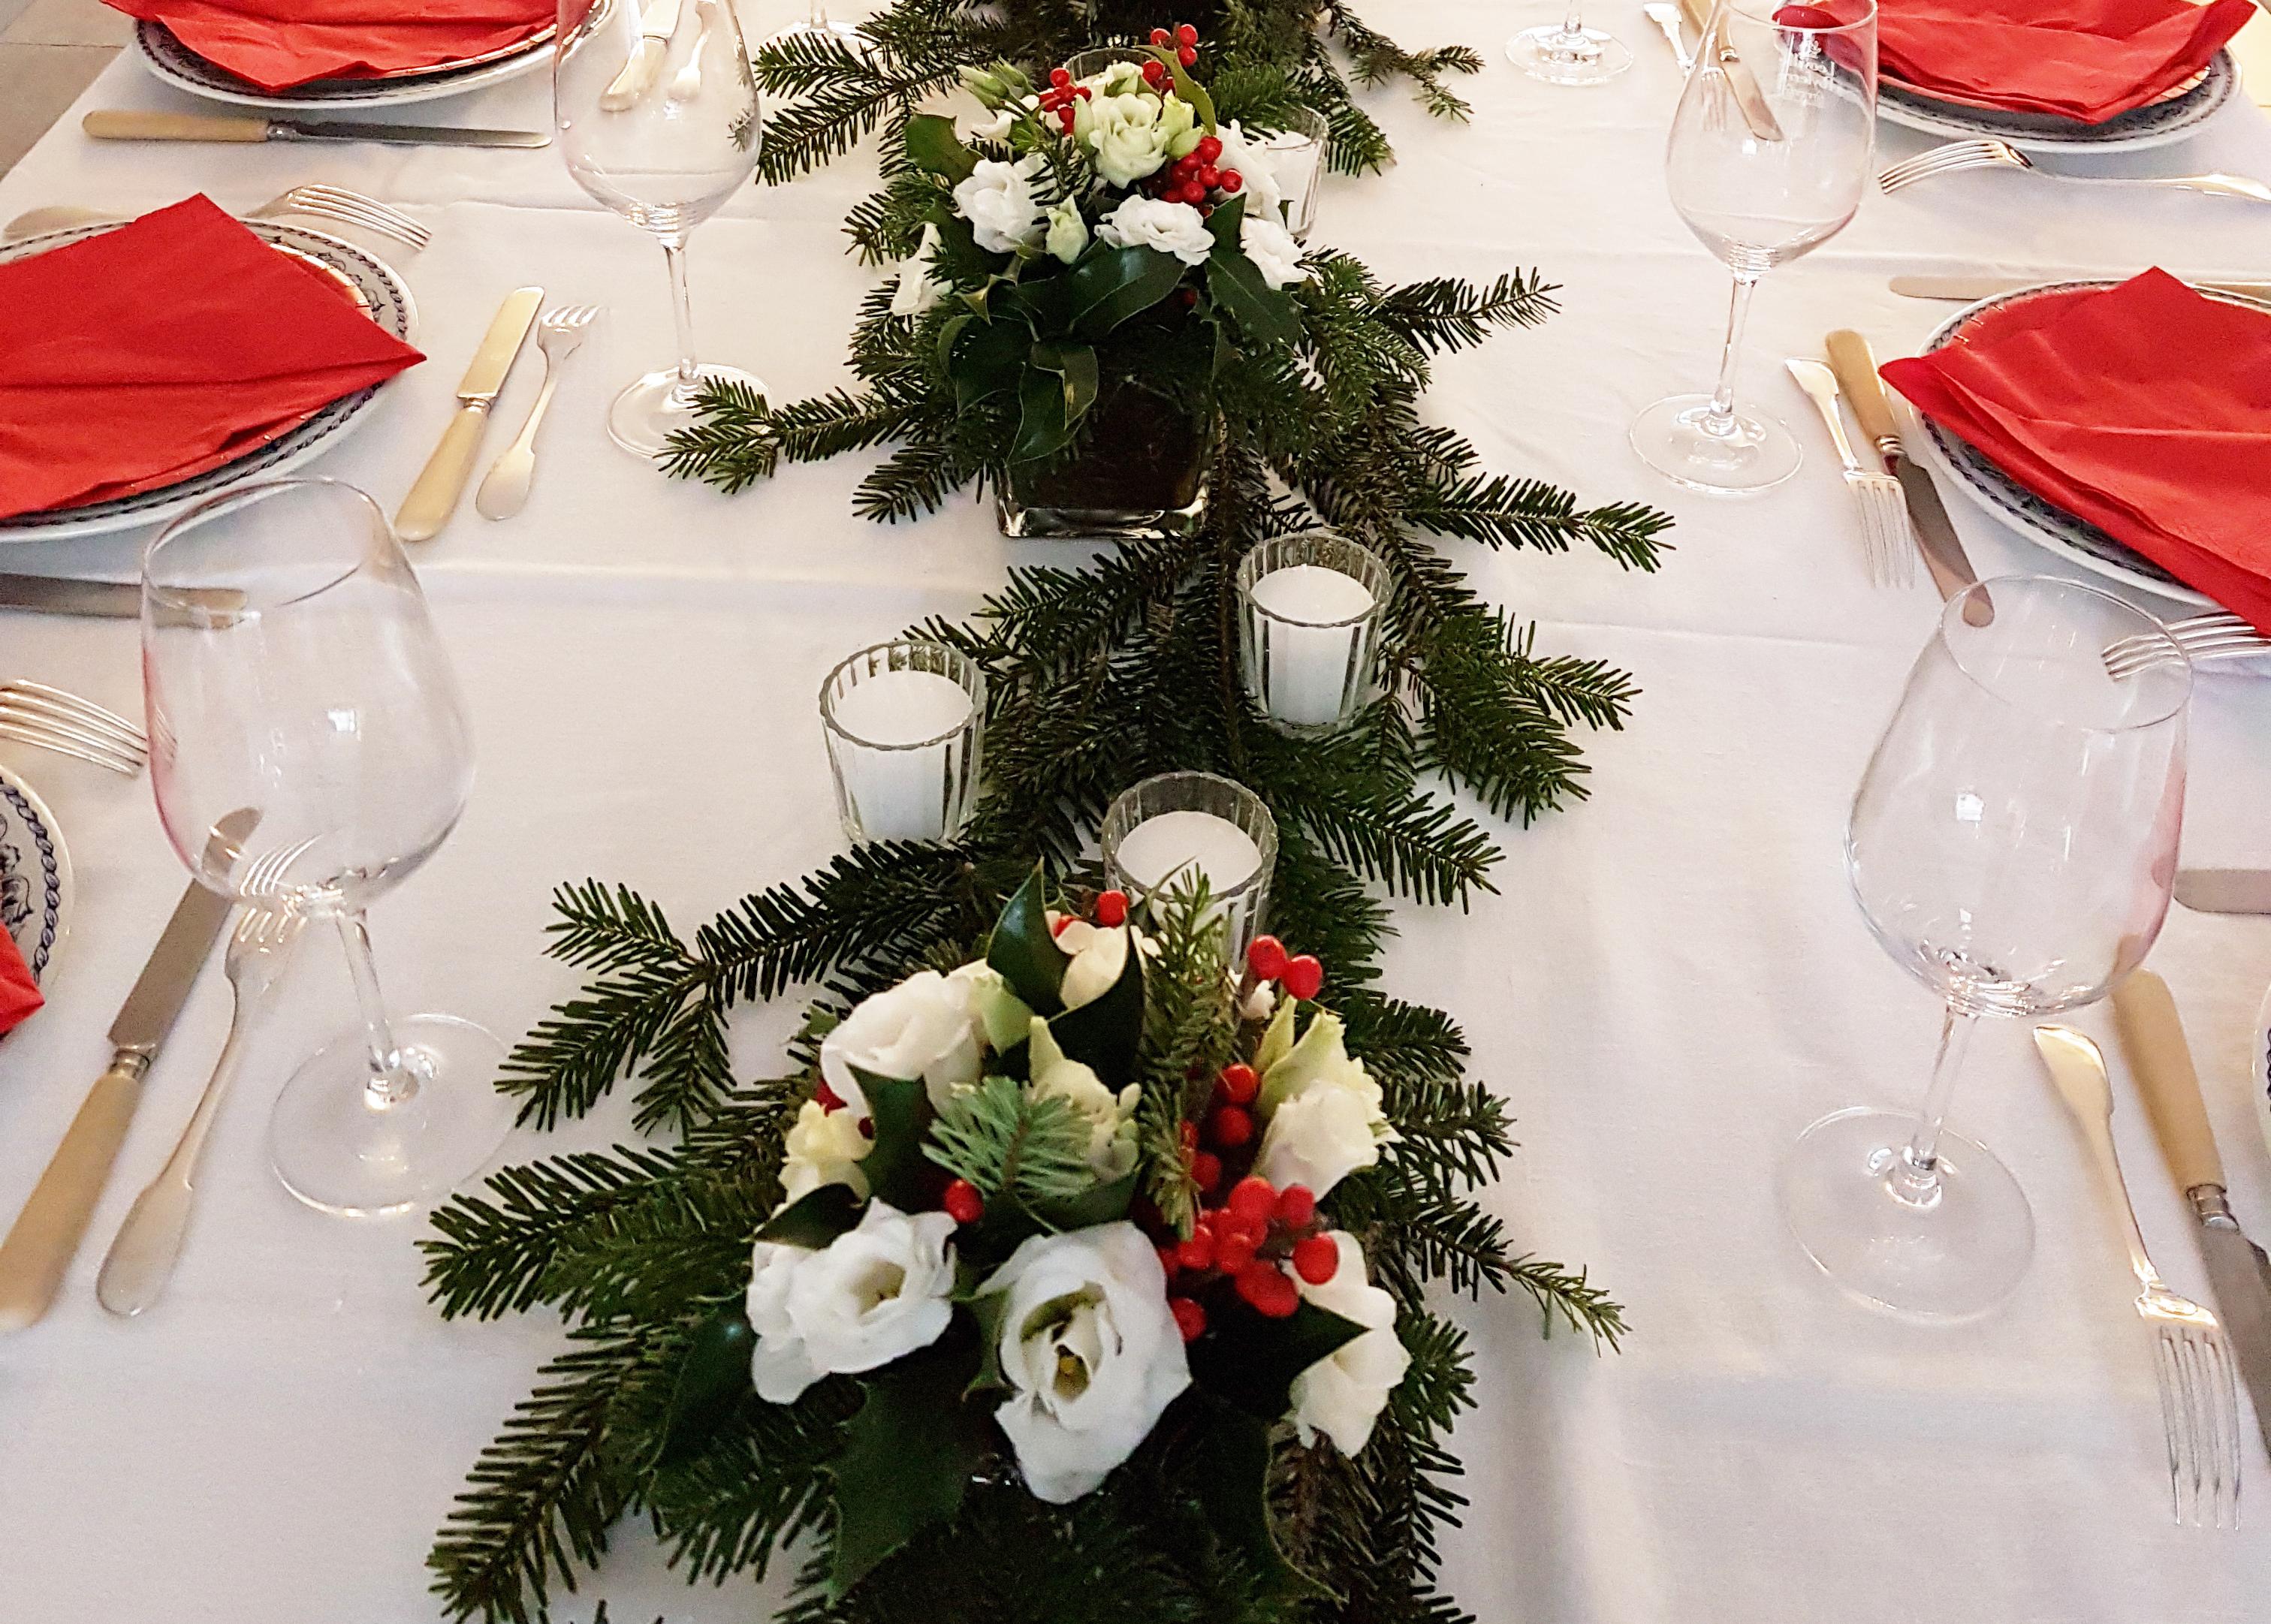 Comment Faire Un Centre De Table Avec Des Fleurs votre décoration de table de noël